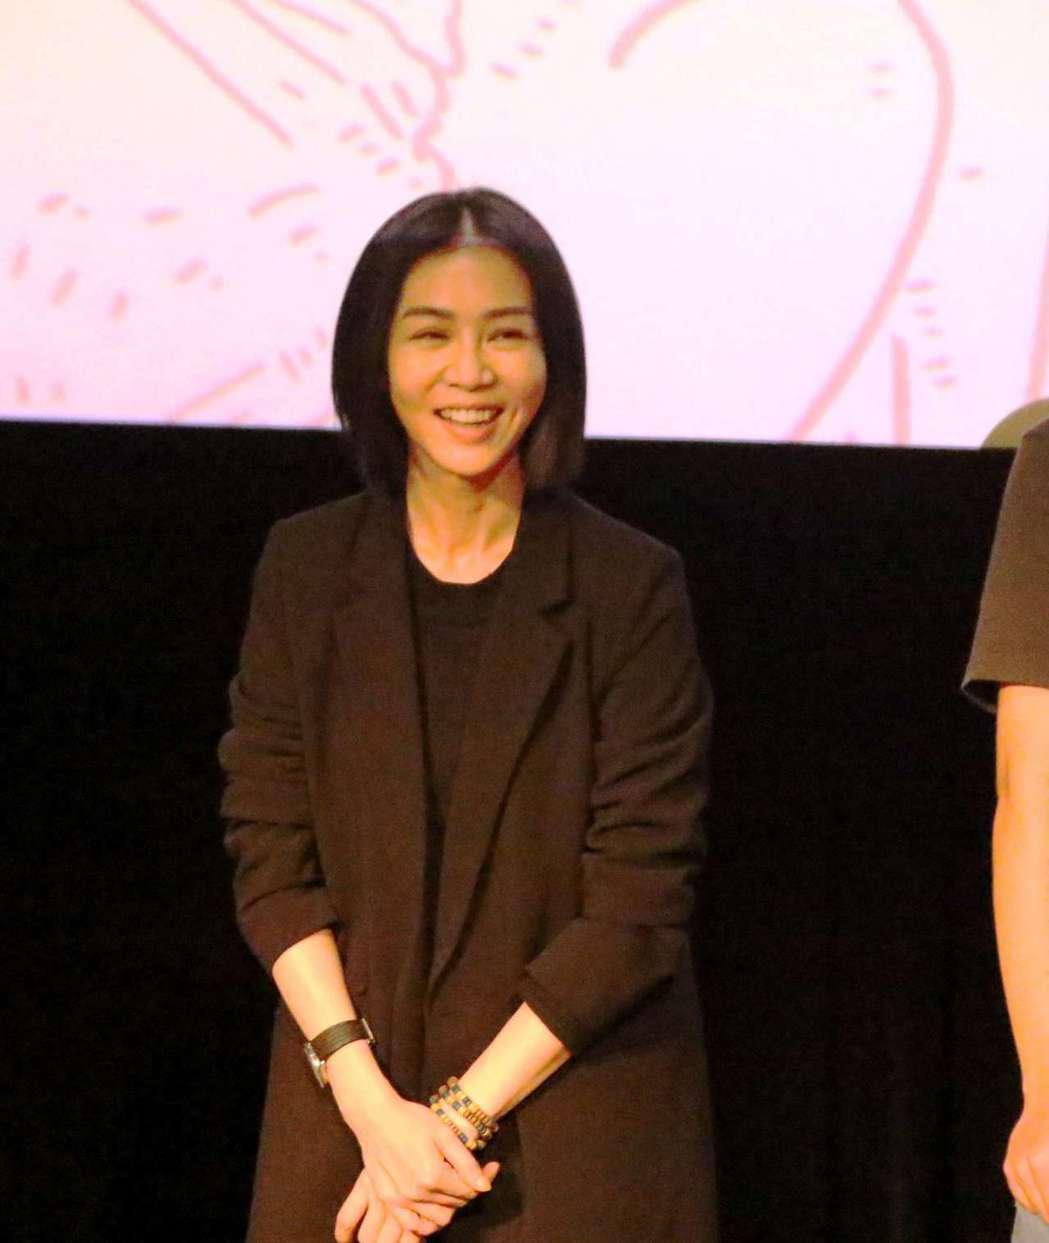 金馬準影后謝盈萱出席「媽媽桌球」映後座談。圖/高雄電影節提供